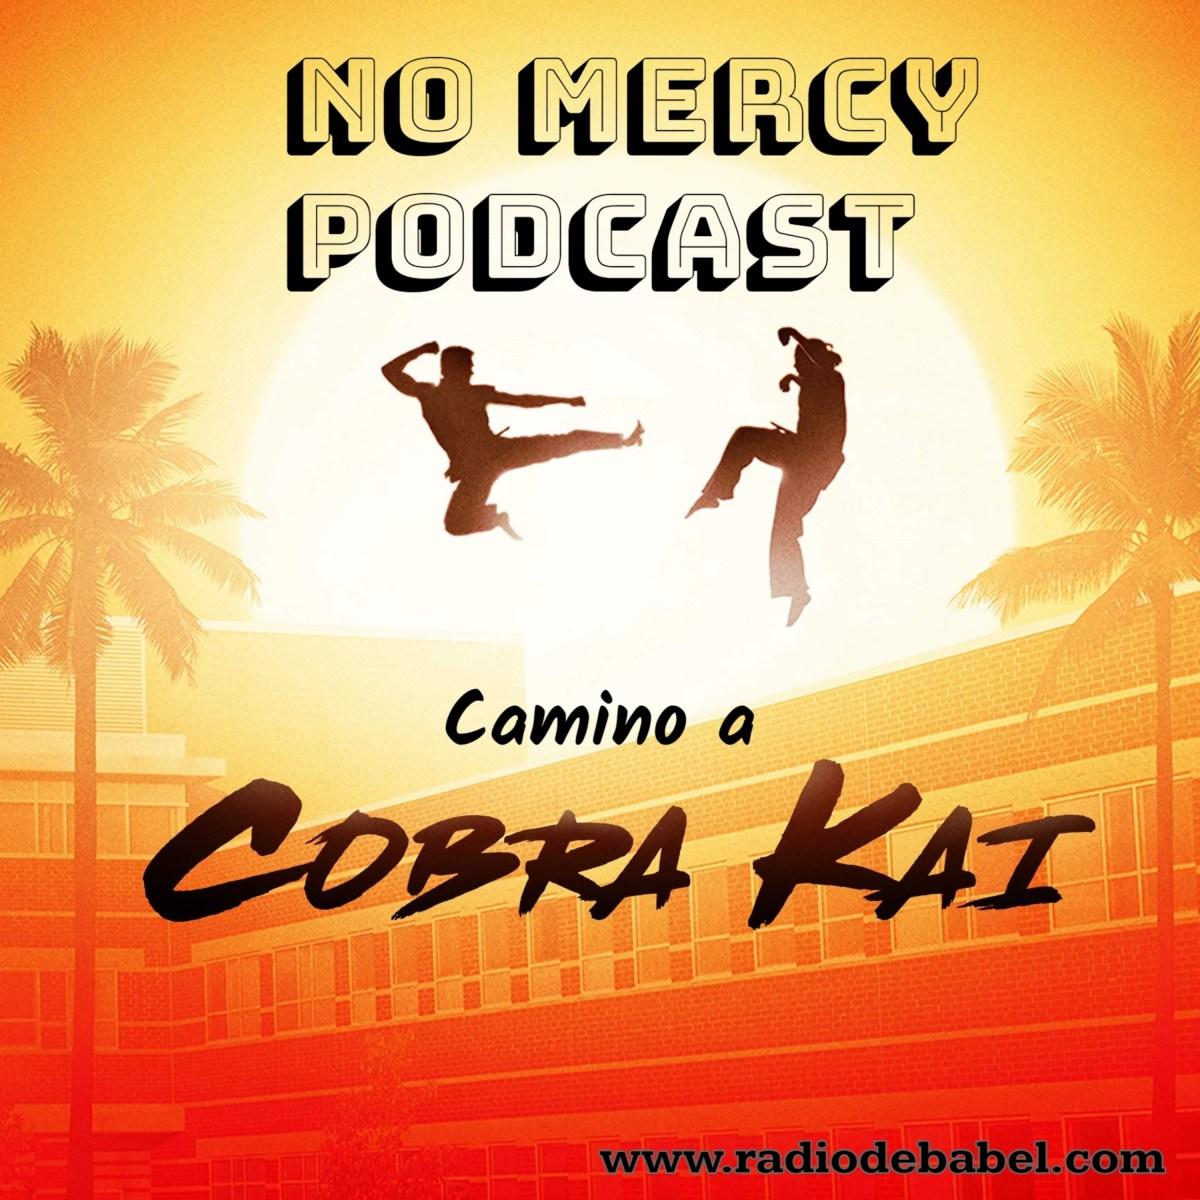 PROMO: NO MERCY – El Podcast que Faltaba sobre Cobra Kai